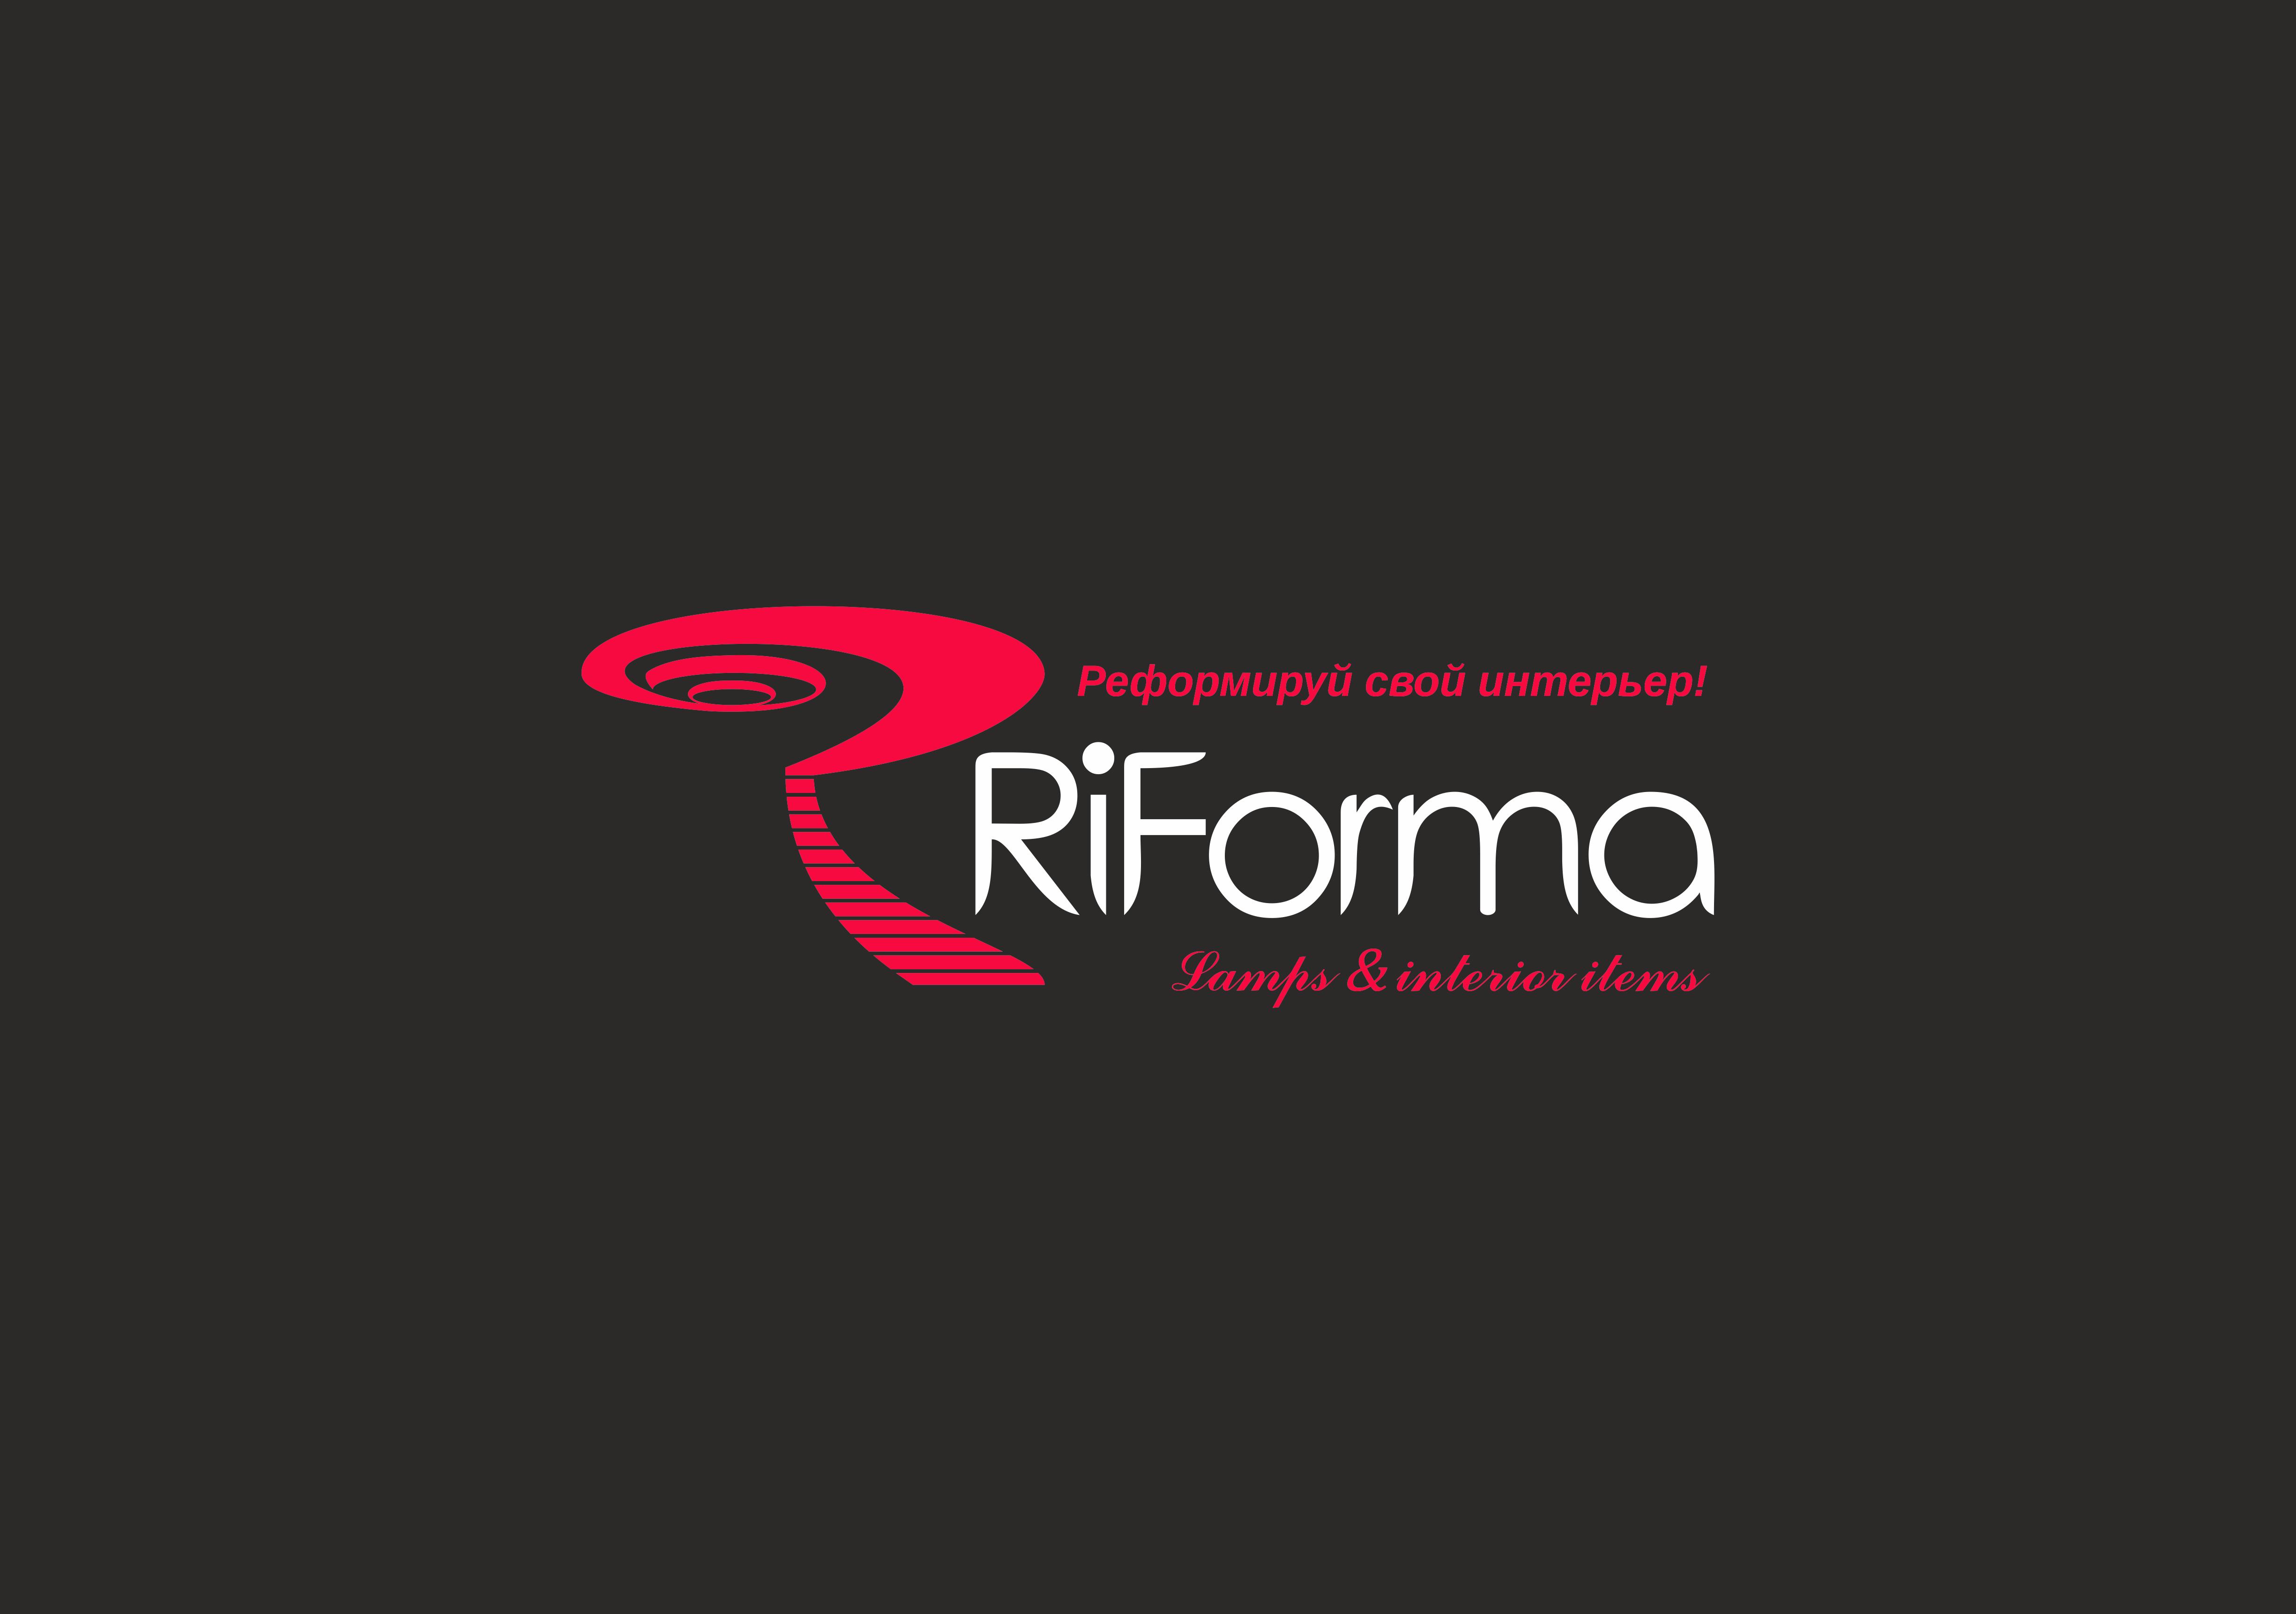 Разработка логотипа и элементов фирменного стиля фото f_77457a05bb05fc61.png